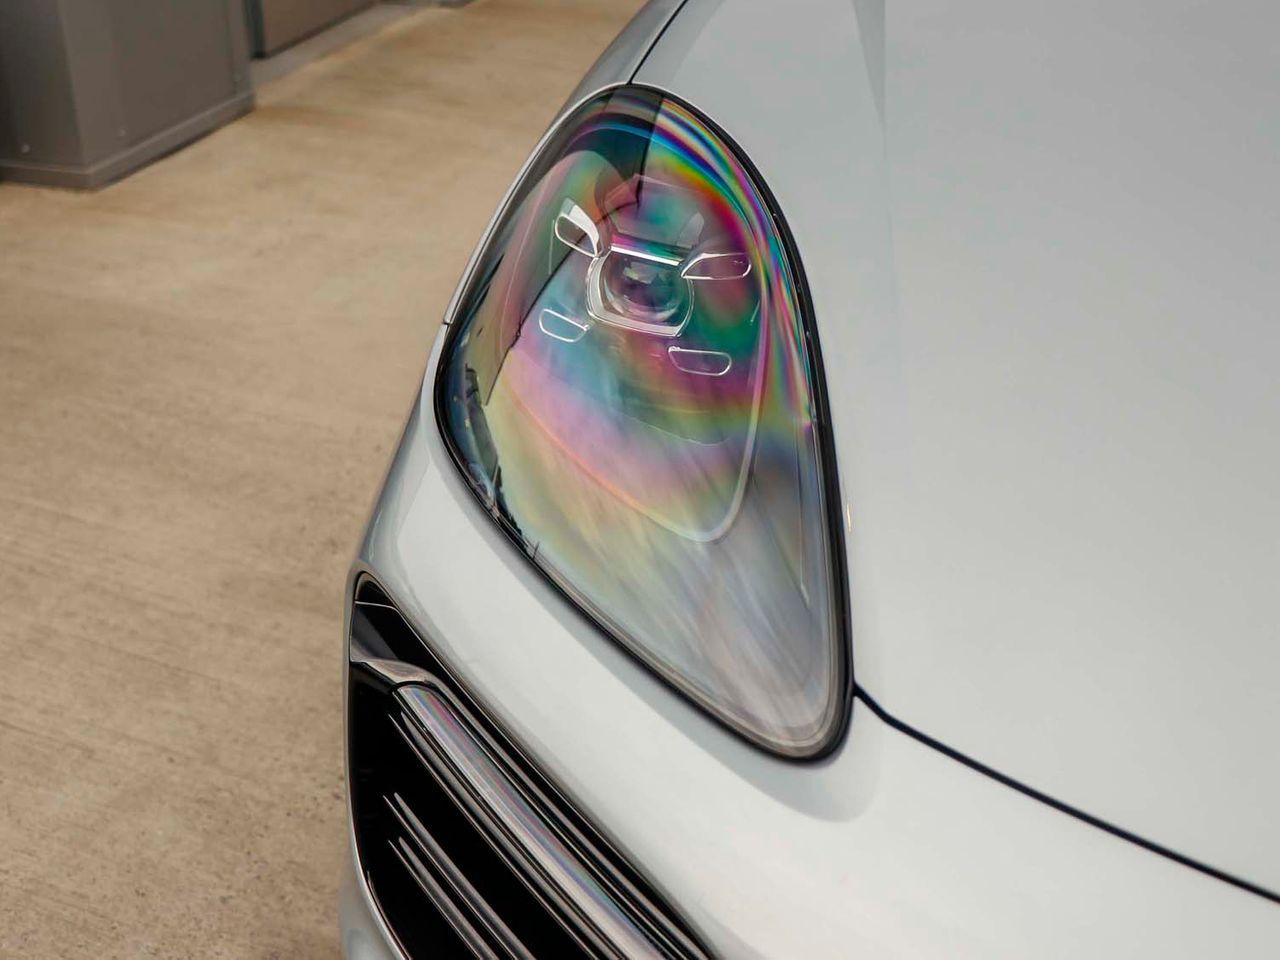 Cayenne V6 (9) image 25